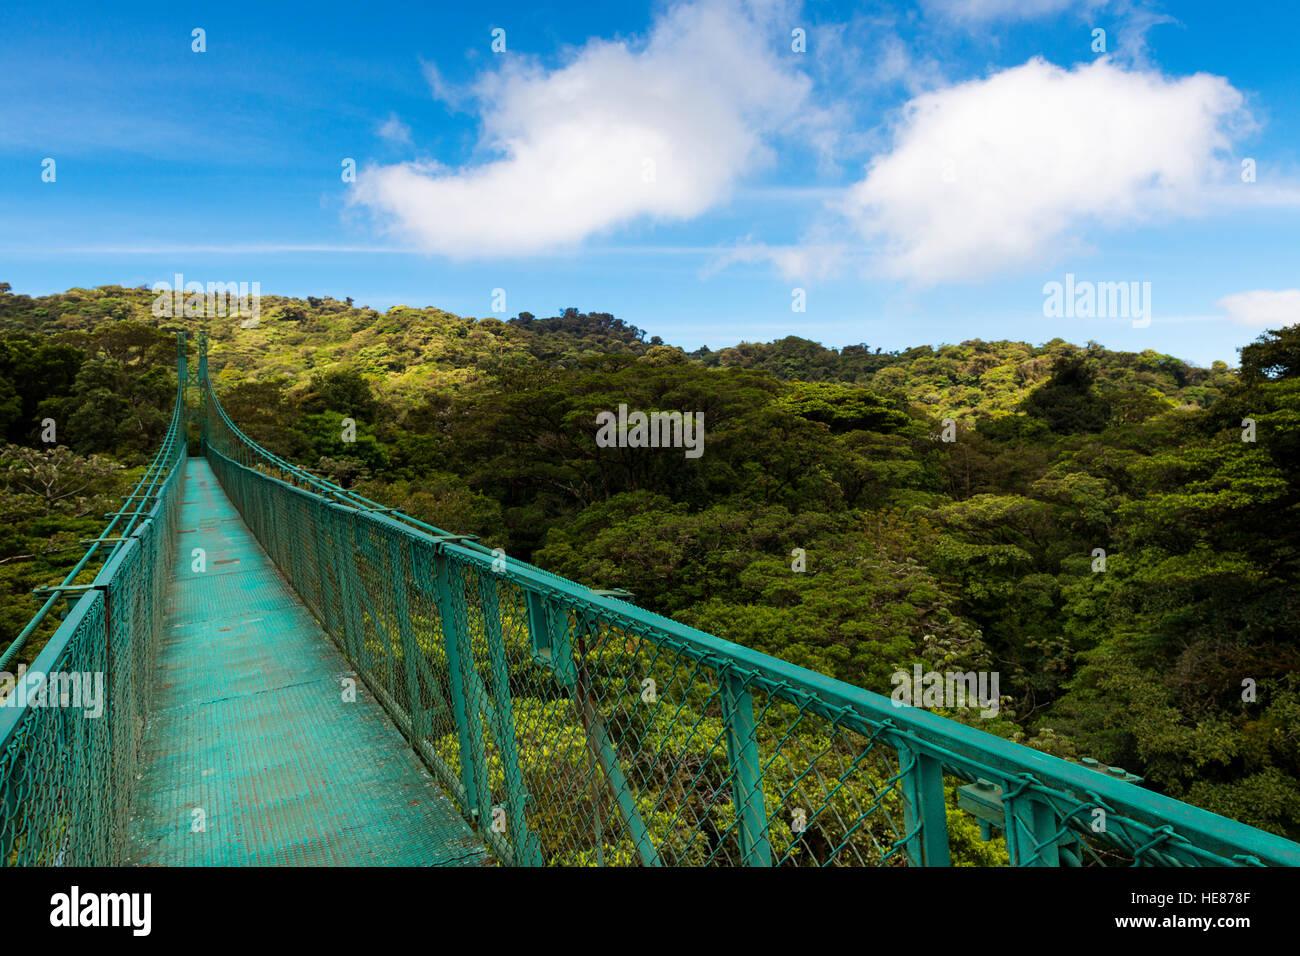 Puente colgante sobre el dosel de los árboles en la zona de Monteverde, Costa Rica, Centroamérica Foto de stock